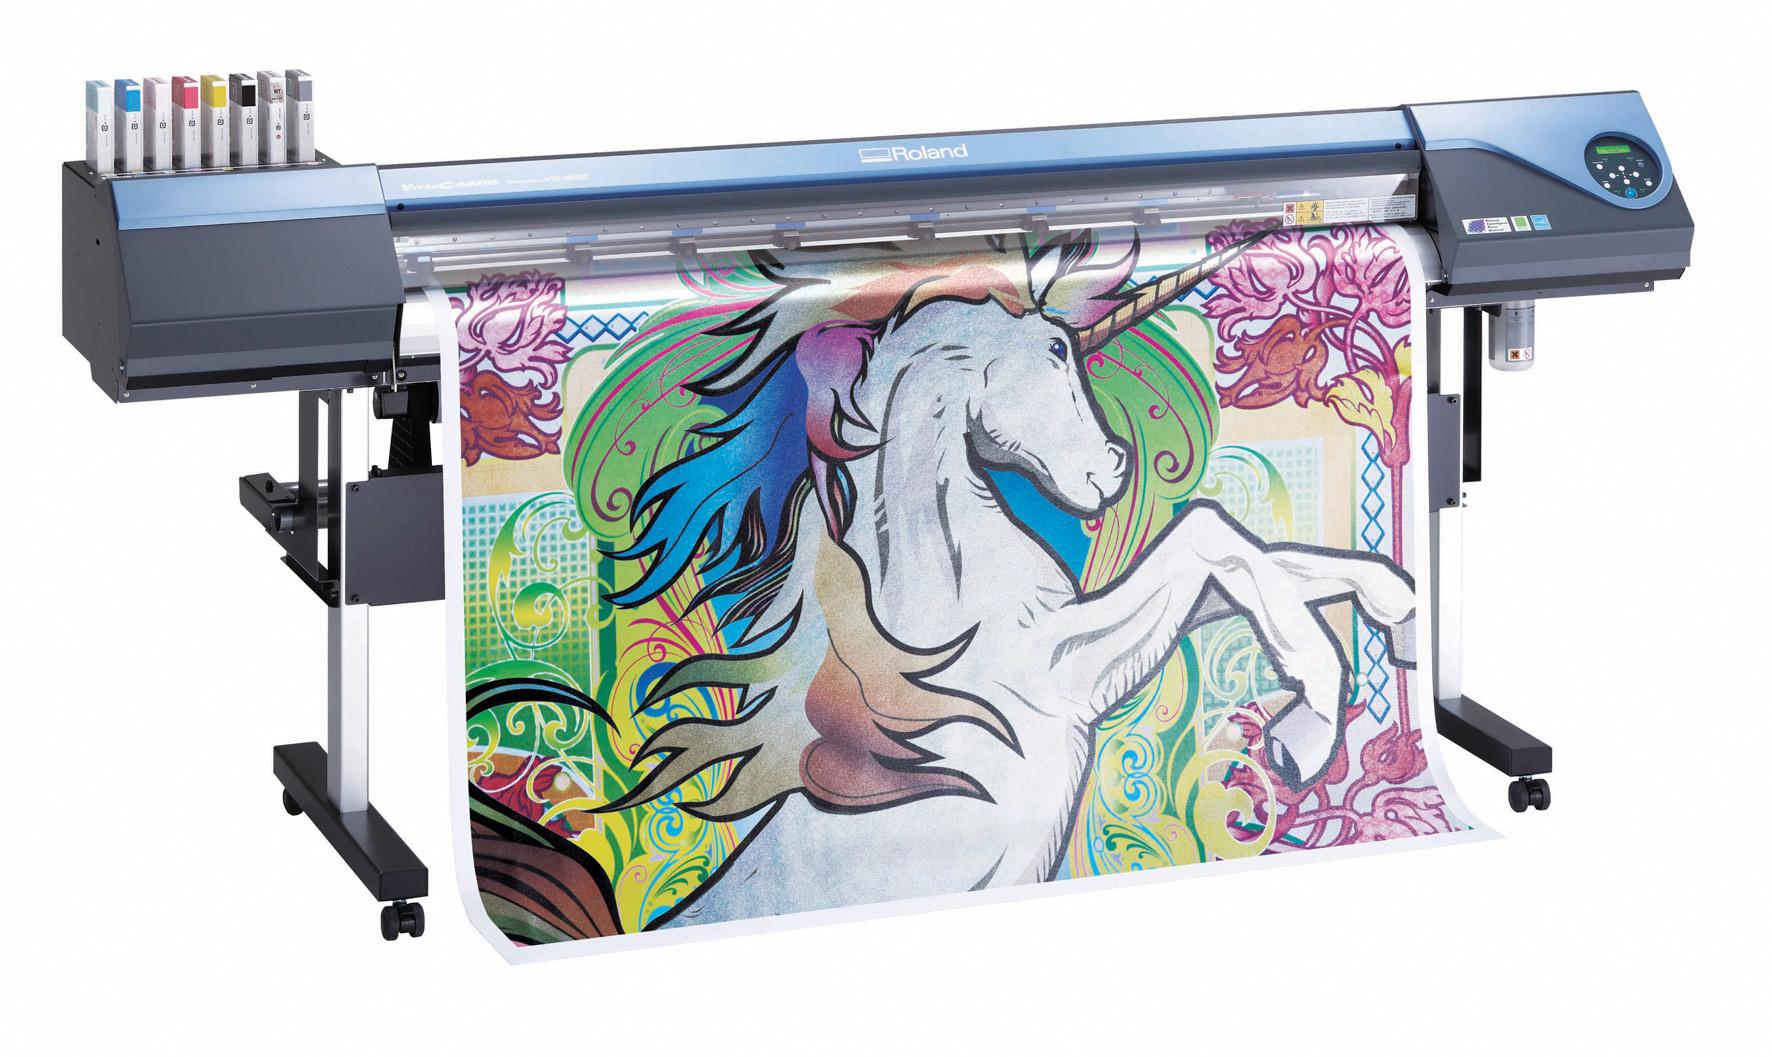 начинающий садовод, принтер для печати фото с резаком нарушает физиологическое